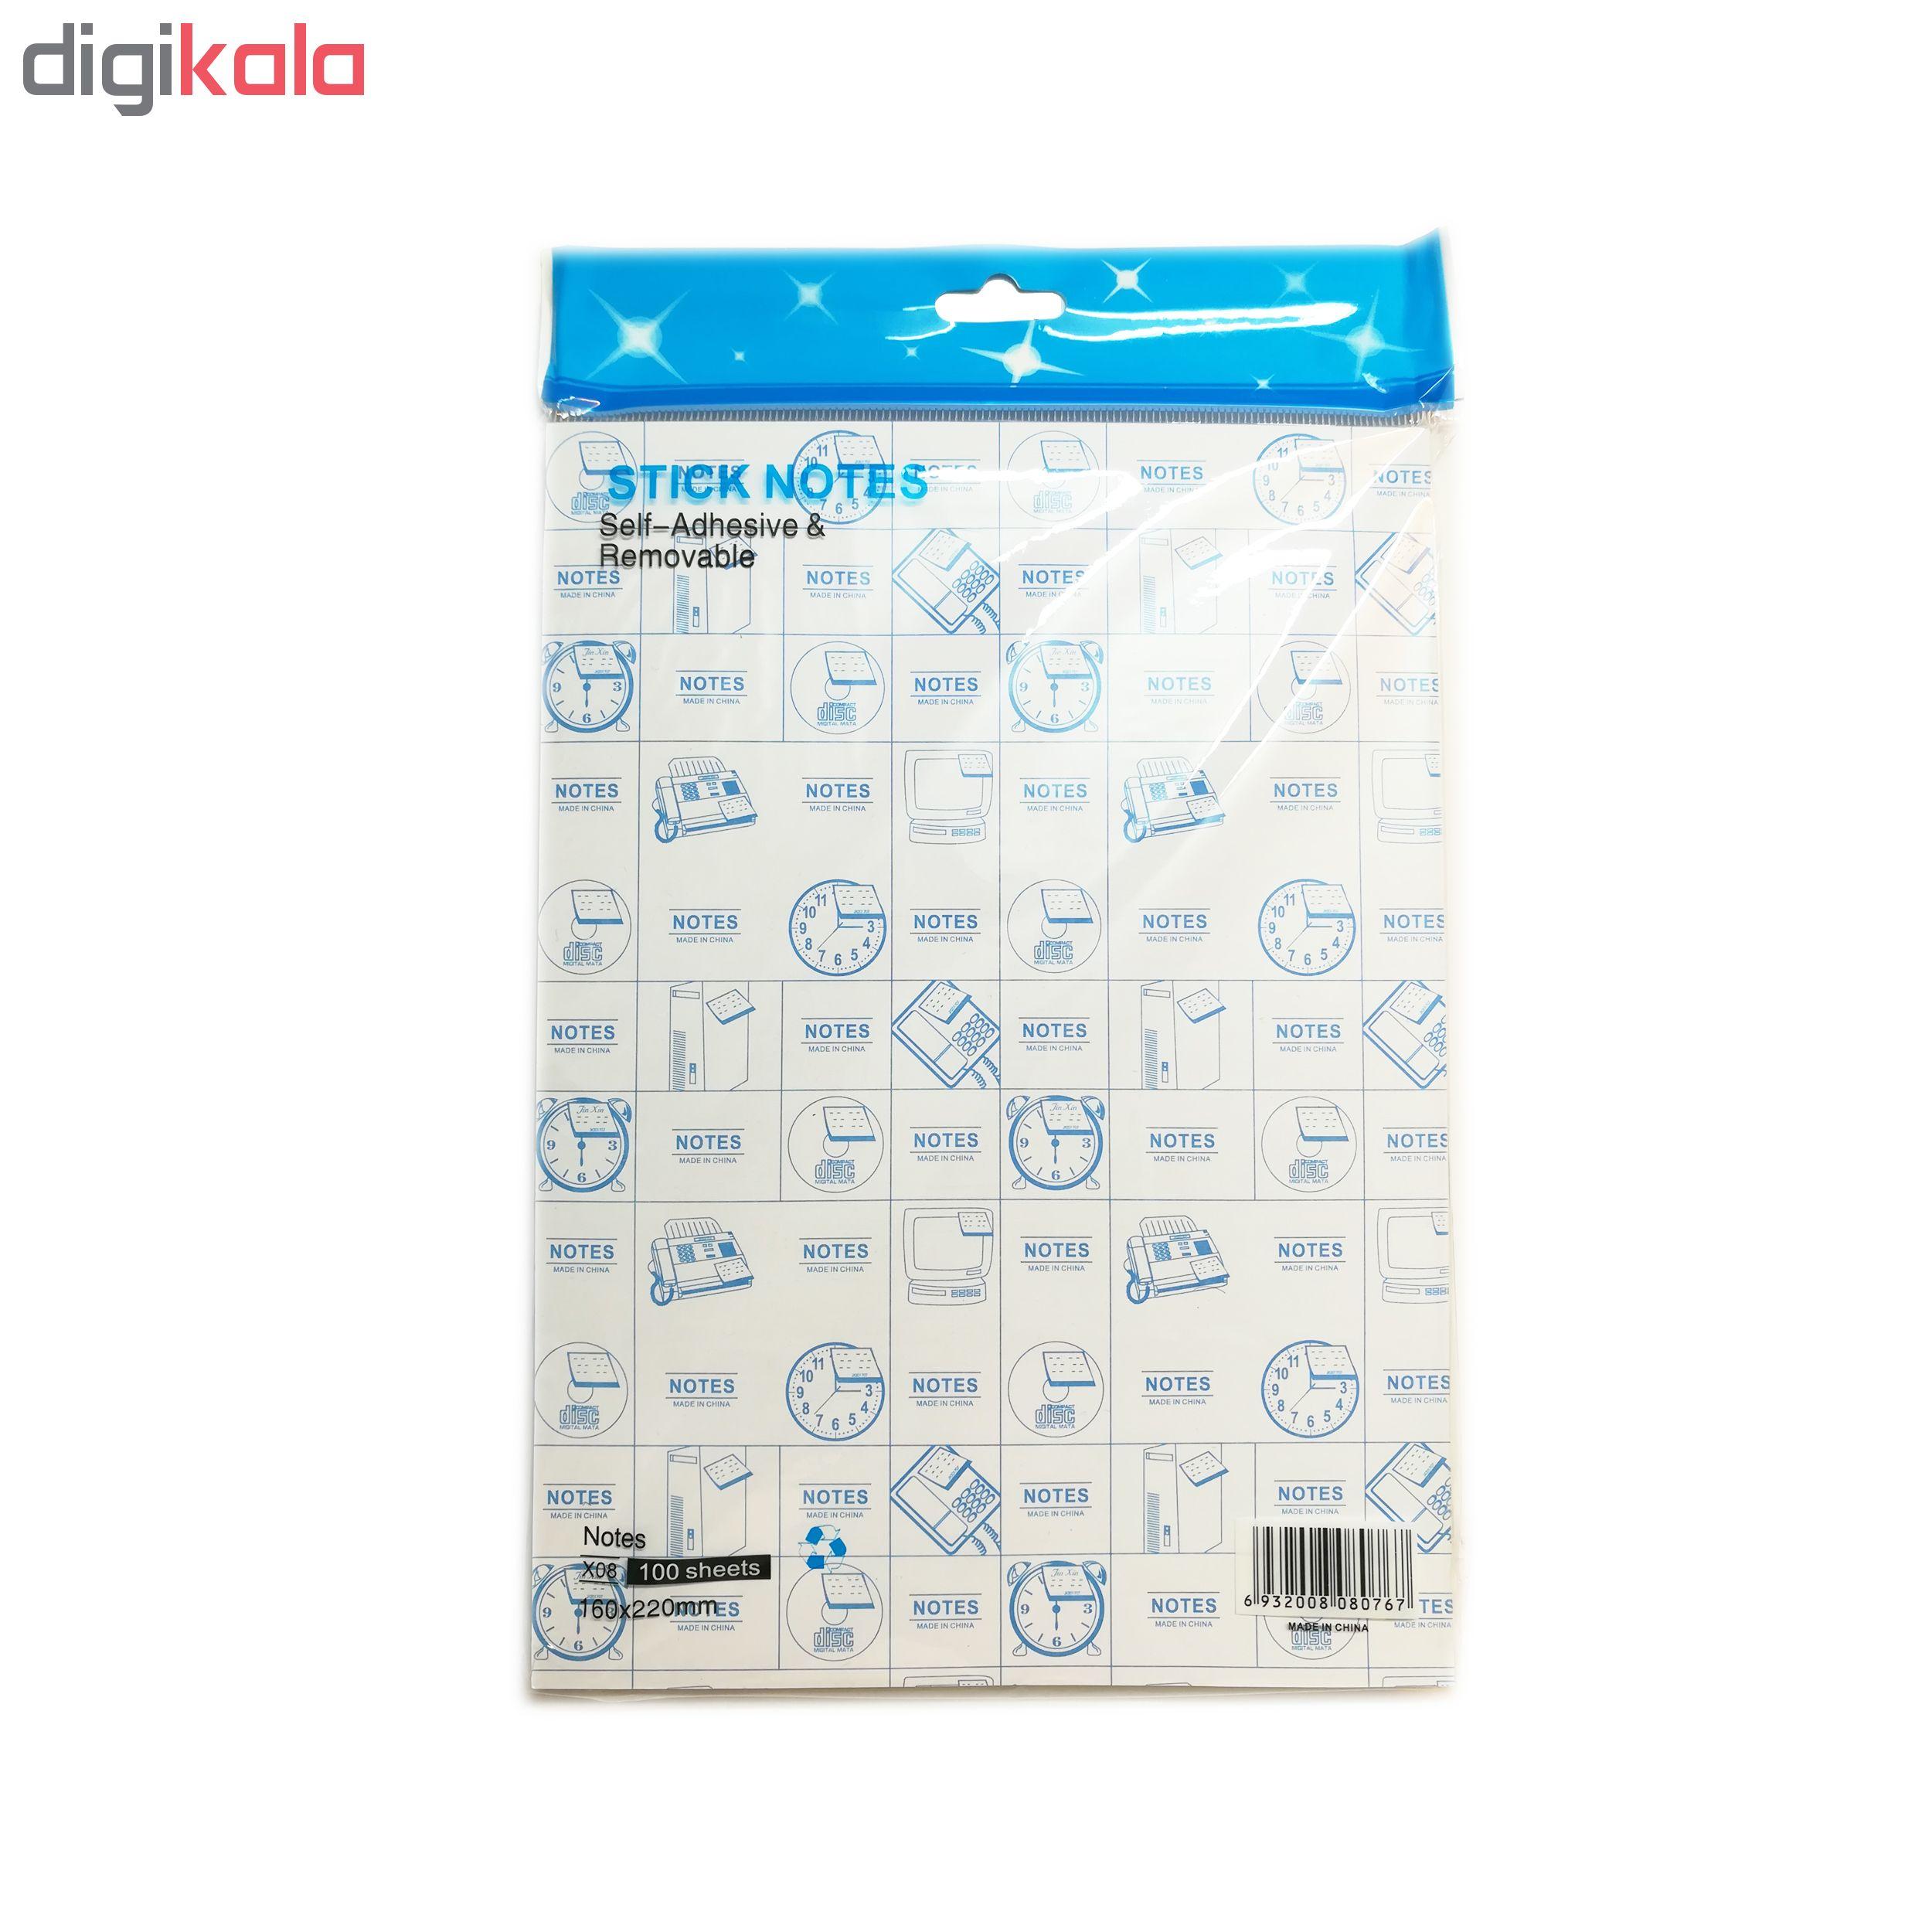 کاغذ یادداشت پشت چسبدار طرح استیک نوک  سایز A5 main 1 3